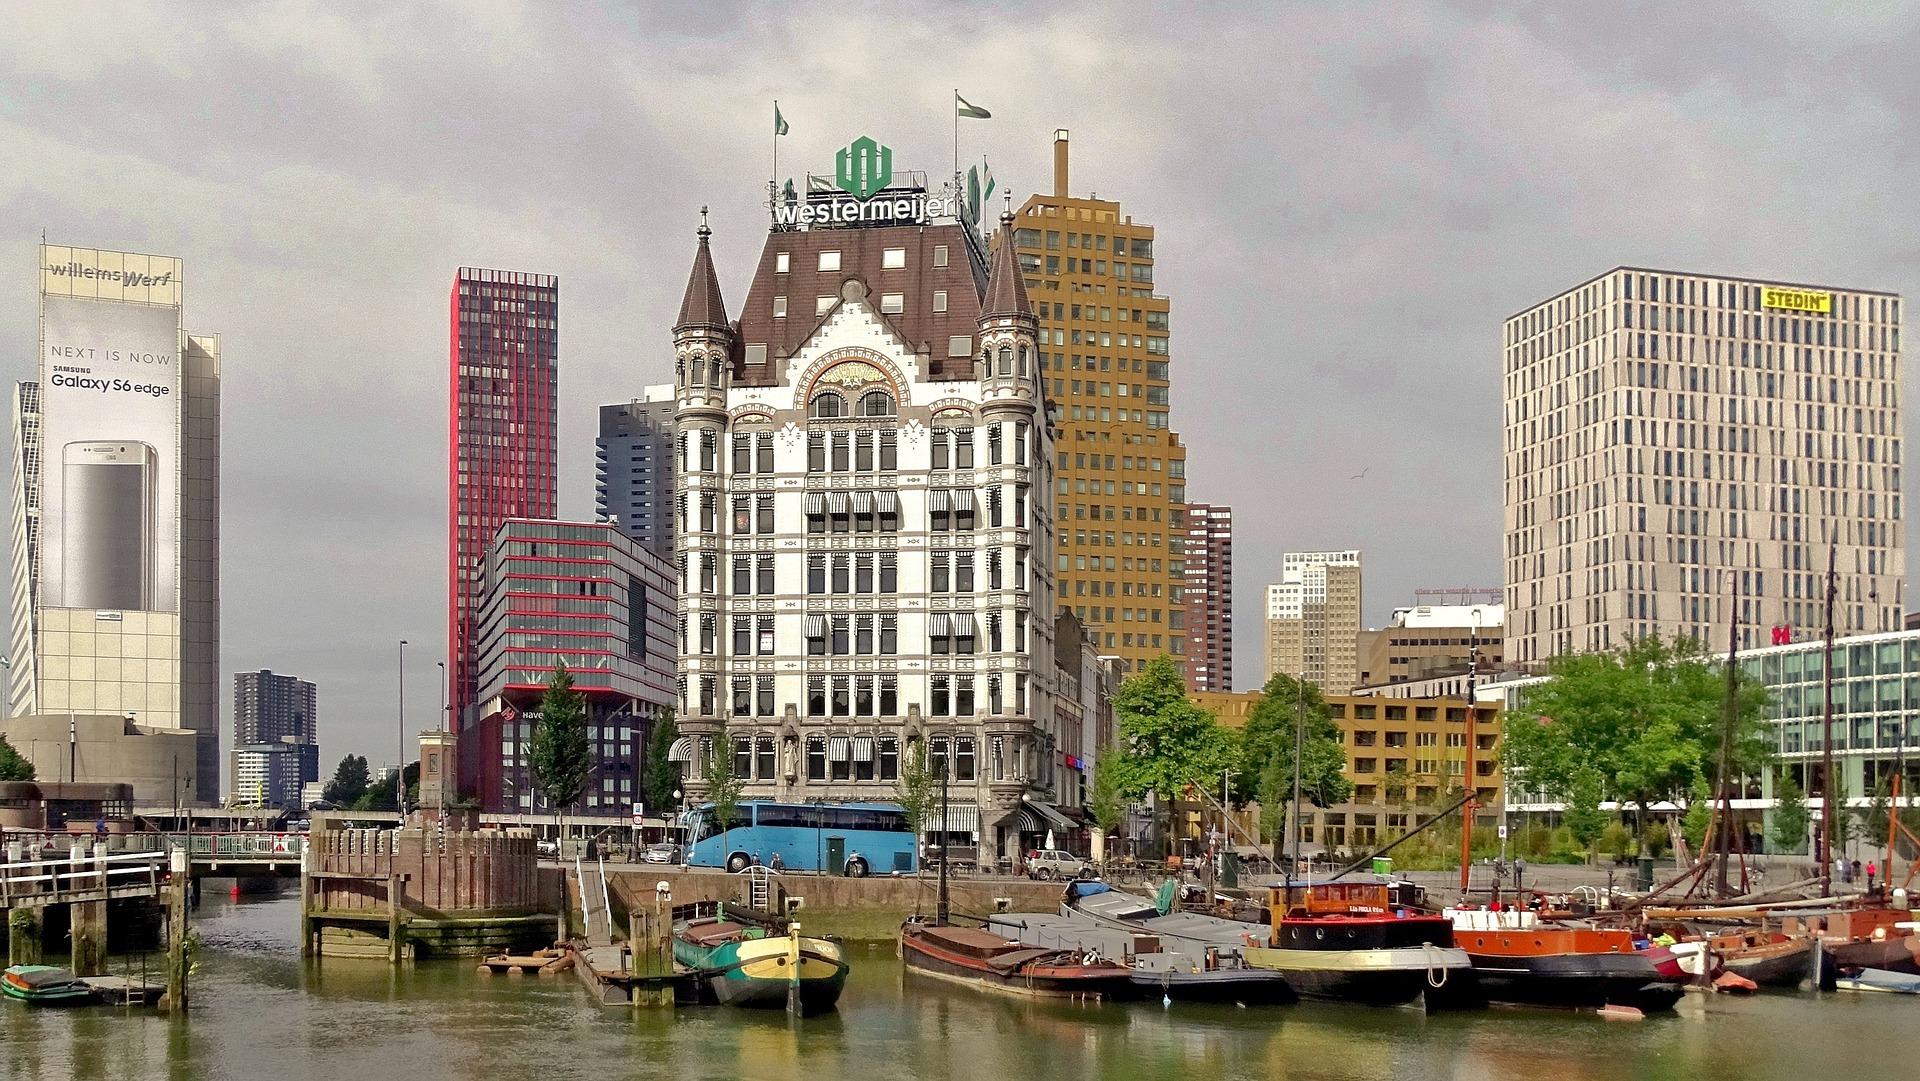 Hafenrundfahrt Rotterdam Hotels ab 26,00€ die Nacht - Ferien in Holland 2